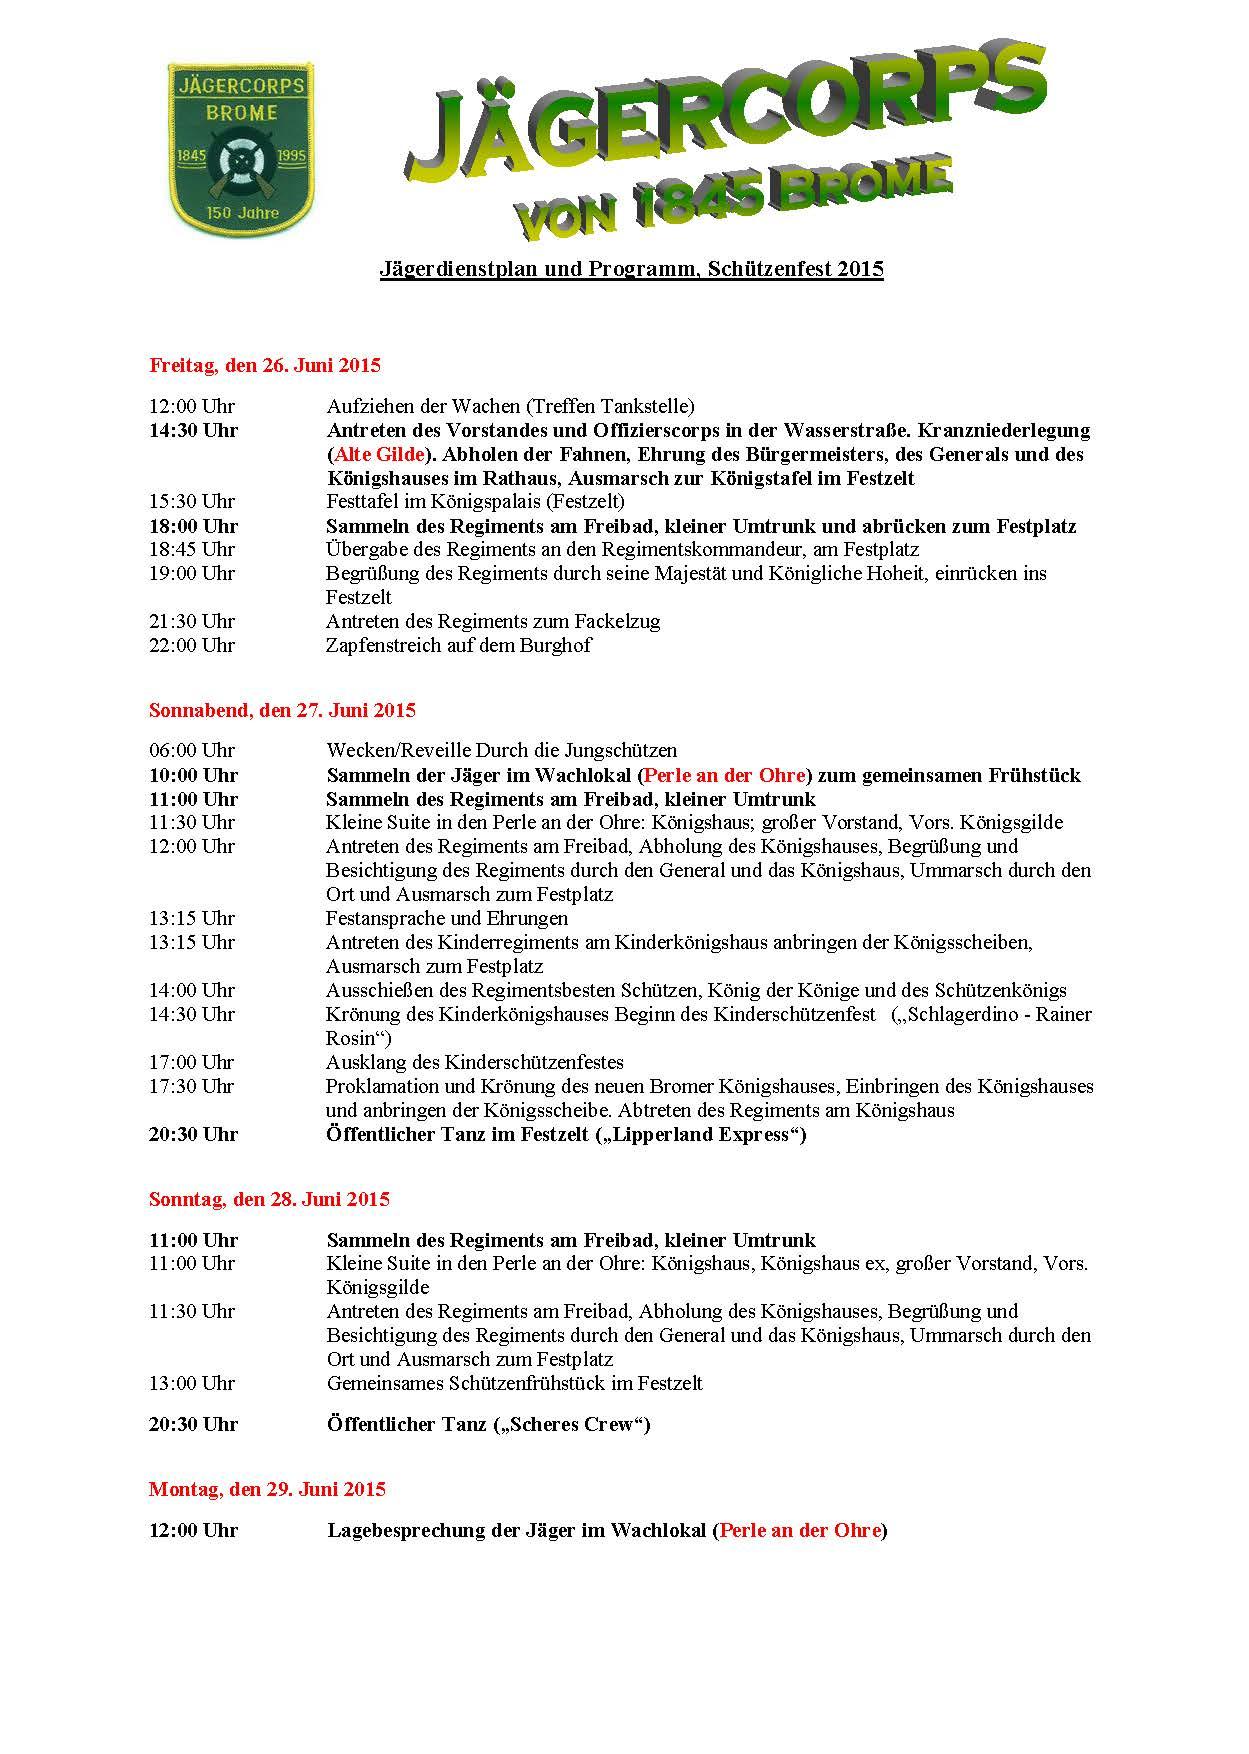 Jägerdienstplan 2015